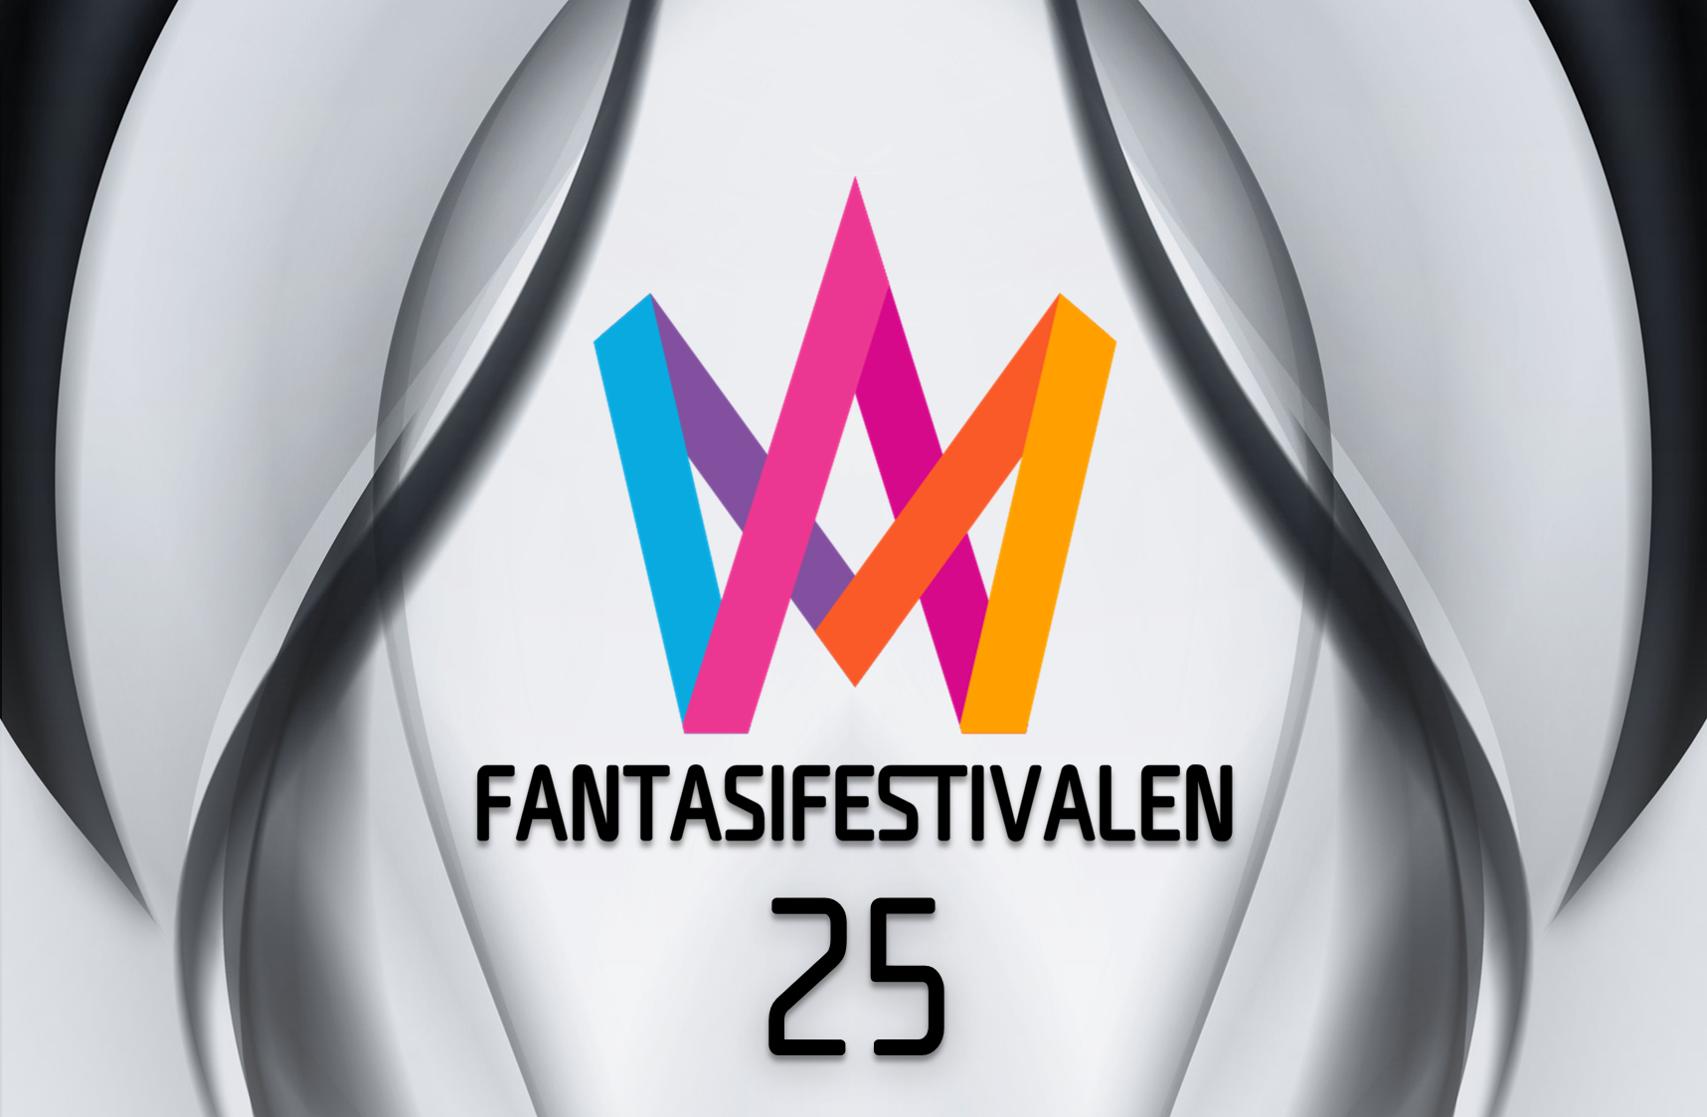 Fantasifestivalen 25